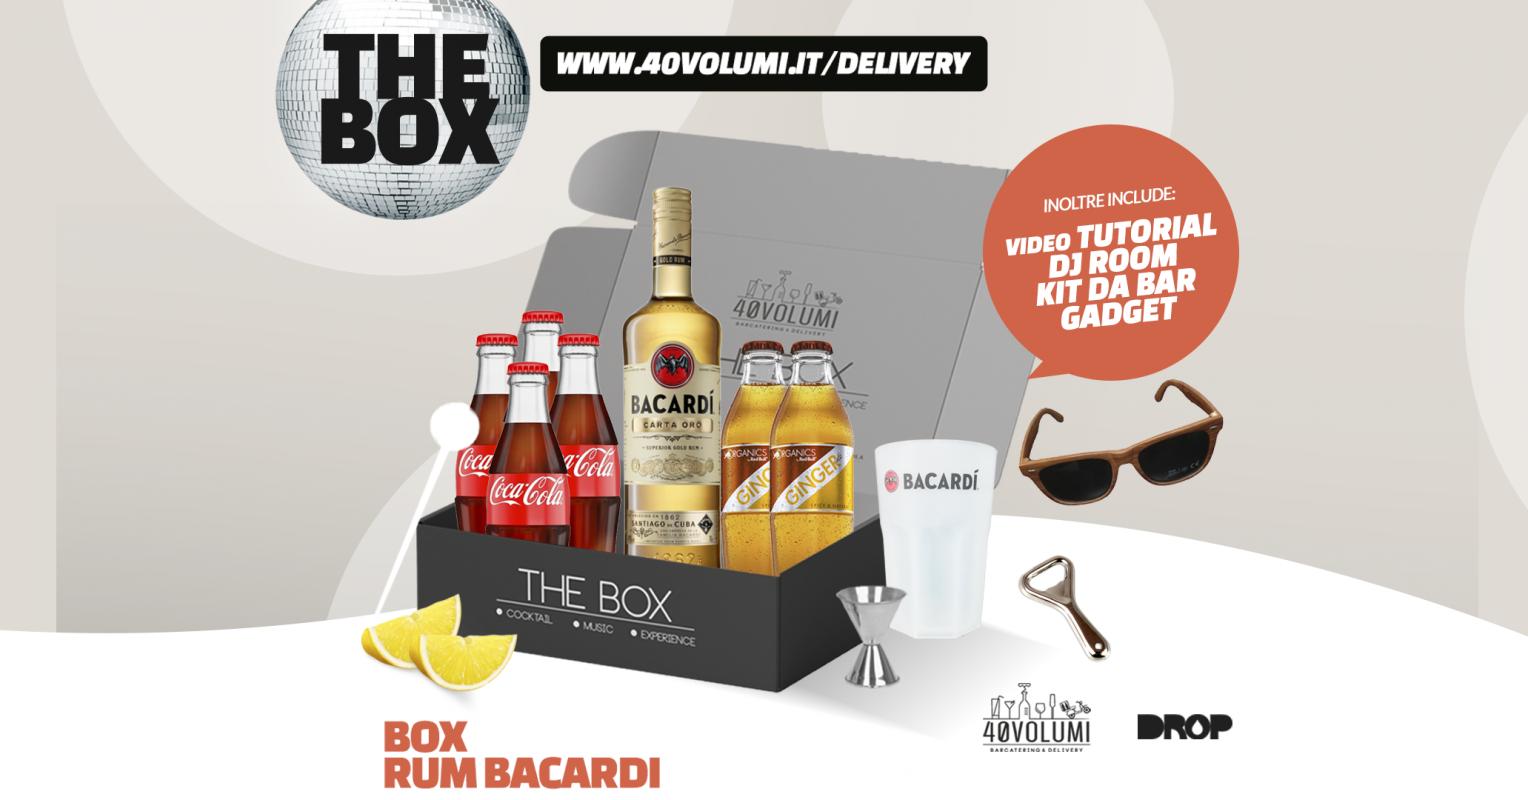 box rum bacardi per 40 volumi